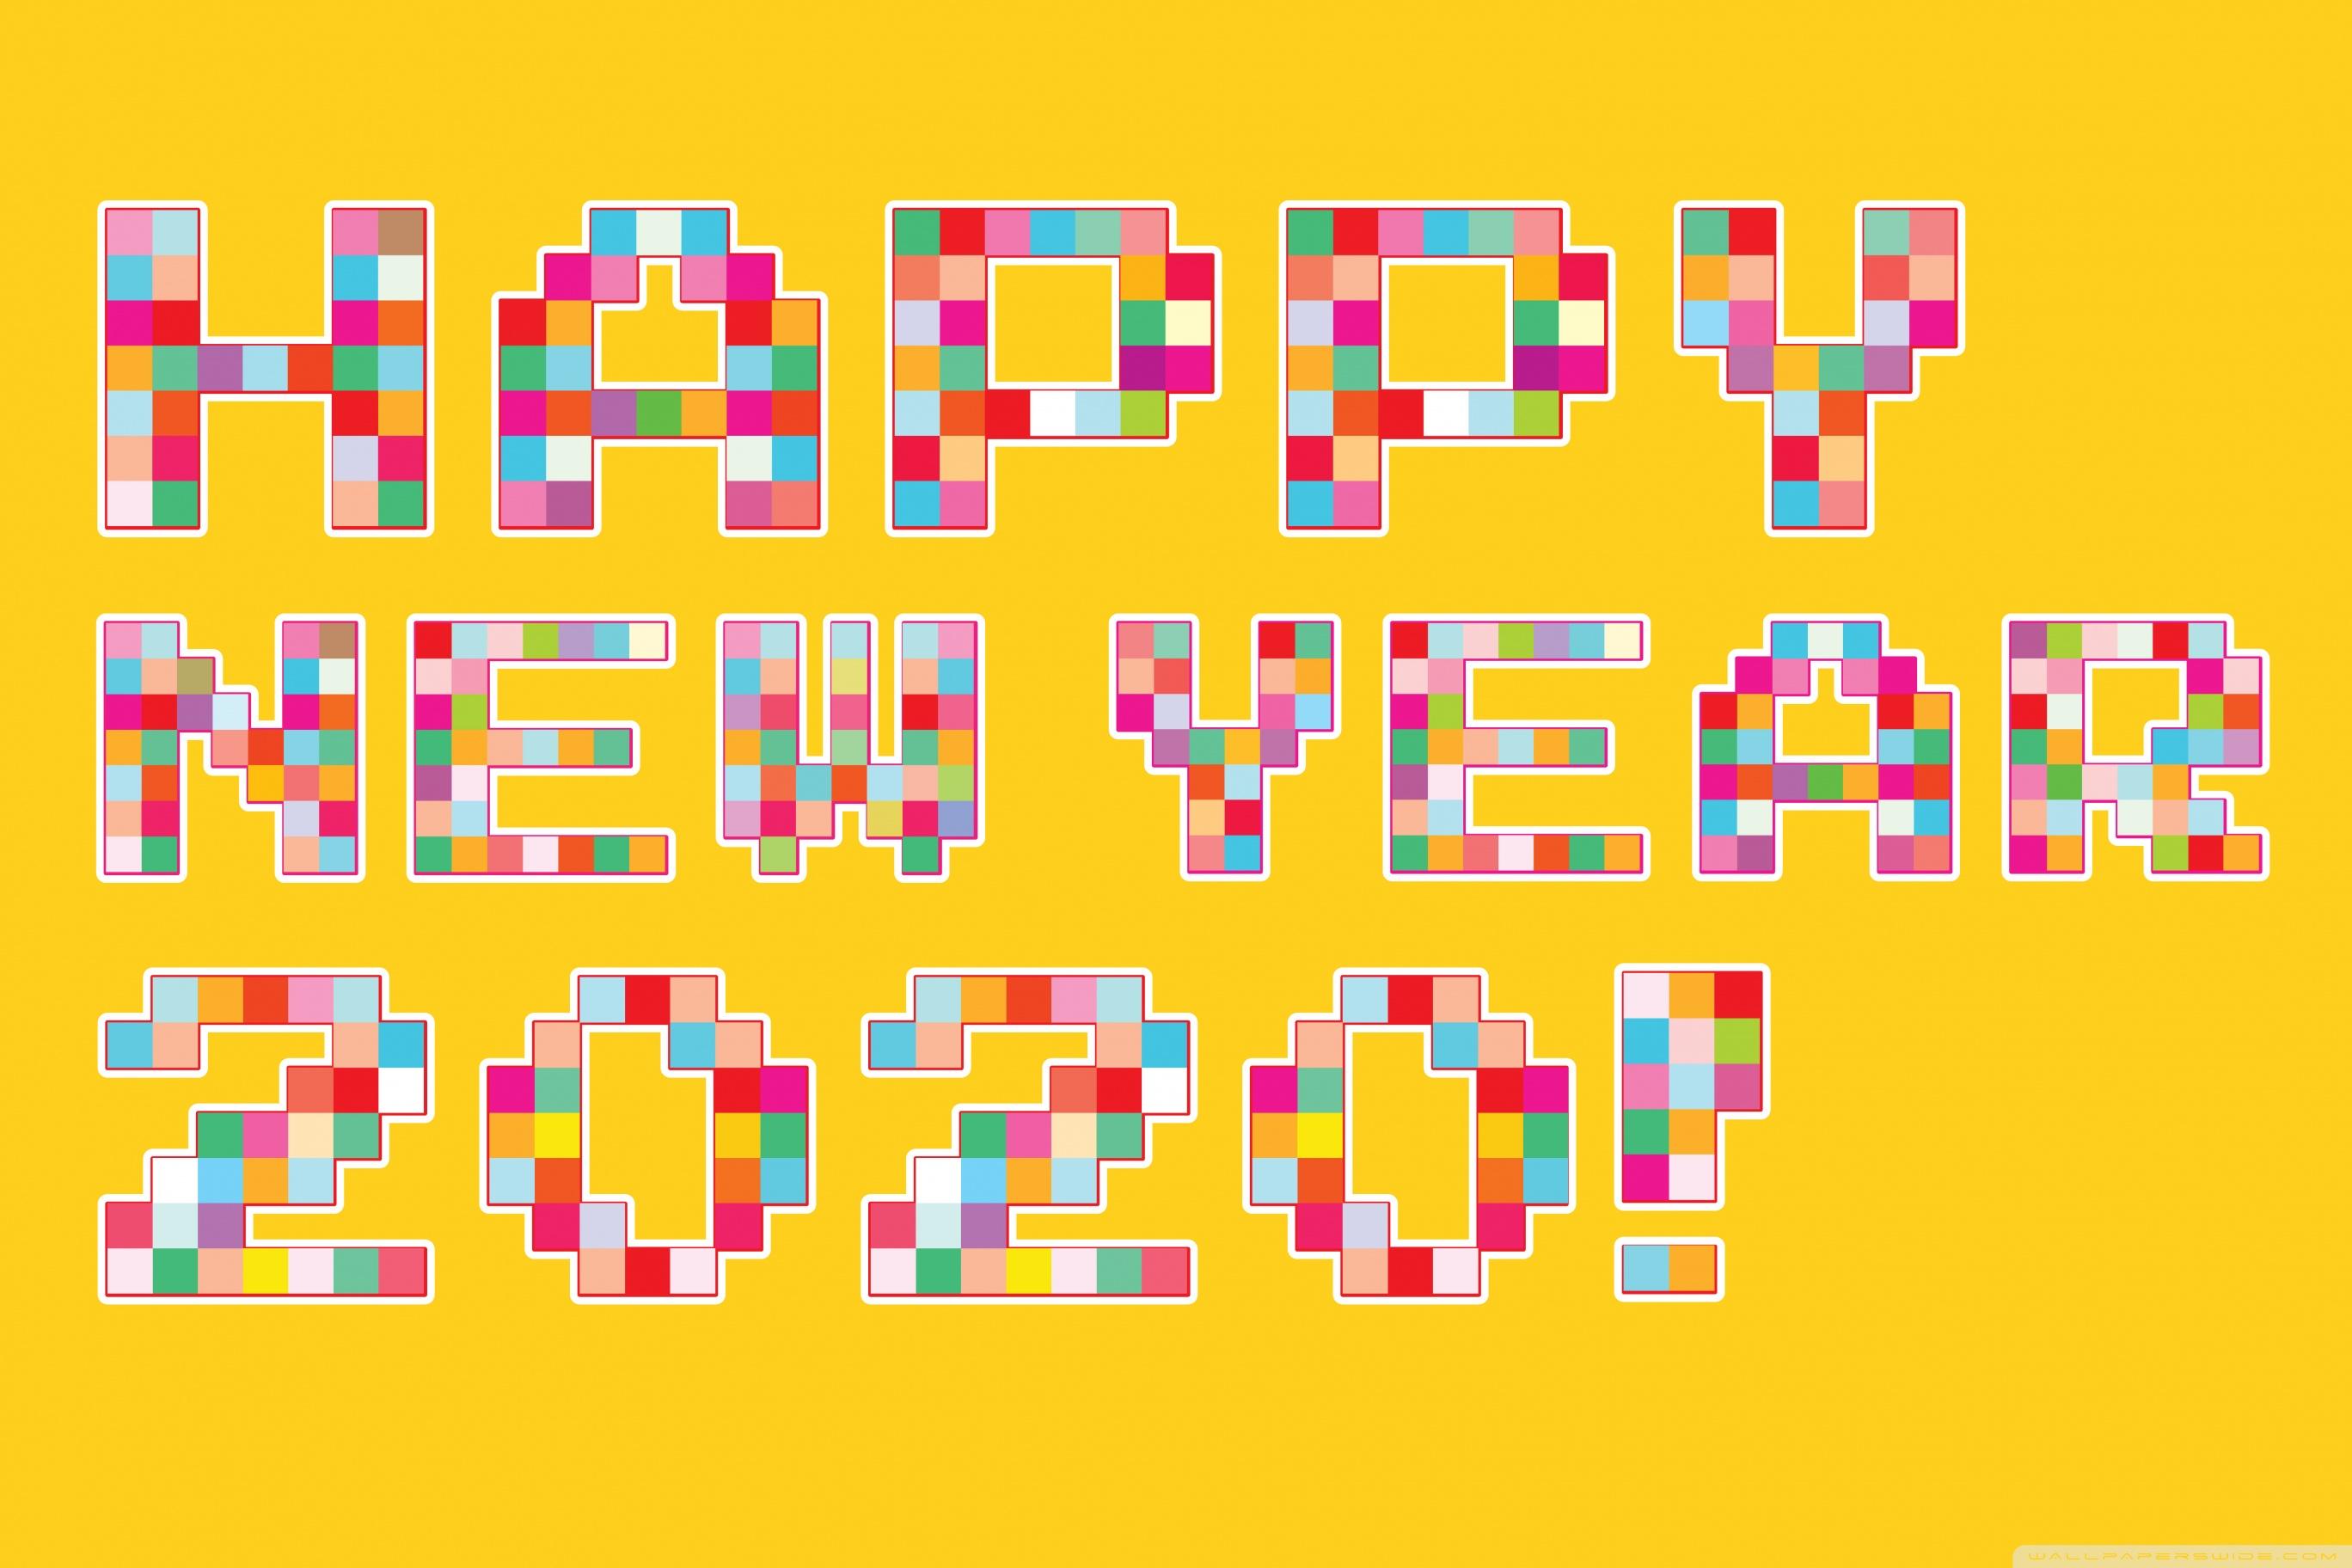 Happy New Year 2020 Pixel Art 4K HD Desktop Wallpaper for 4K 2736x1824